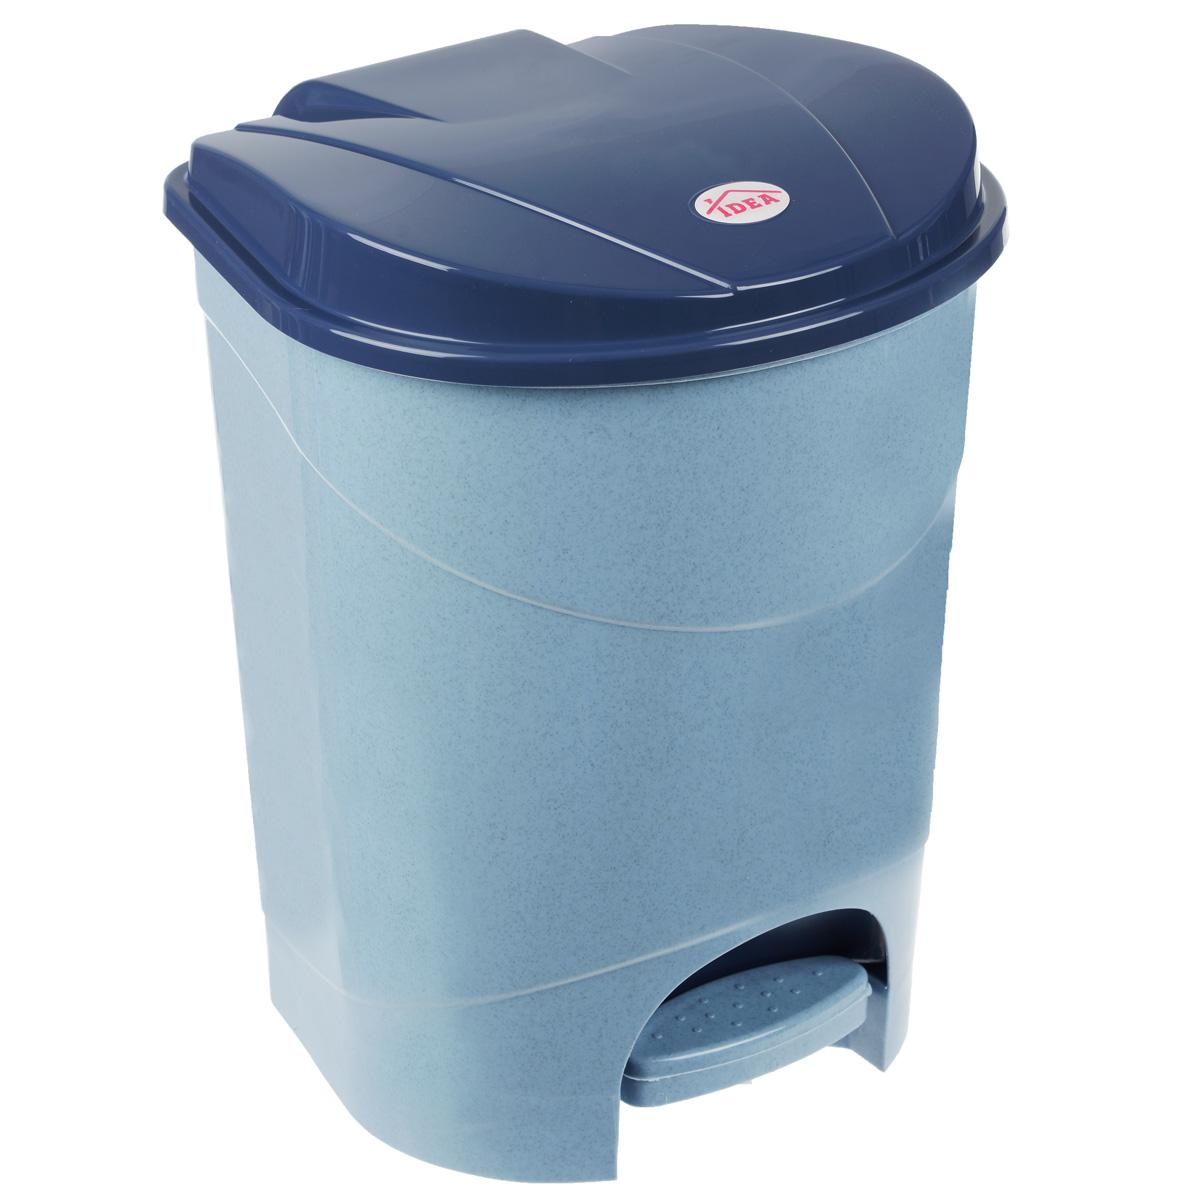 Контейнер для мусора Idea, с педалью, цвет: голубой мрамор, 11 лМ 2891Мусорный контейнер Idea, выполненный из прочного пластика, не боится ударов и долгих лет использования. Изделие оснащено педалью, с помощью которой можно открыть крышку. Закрывается крышка практически бесшумно, плотно прилегает, предотвращая распространение запаха. Внутри пластиковая емкость для мусора, которую при необходимости можно достать из контейнера. Интересный дизайн разнообразит интерьер кухни и сделает его более оригинальным.